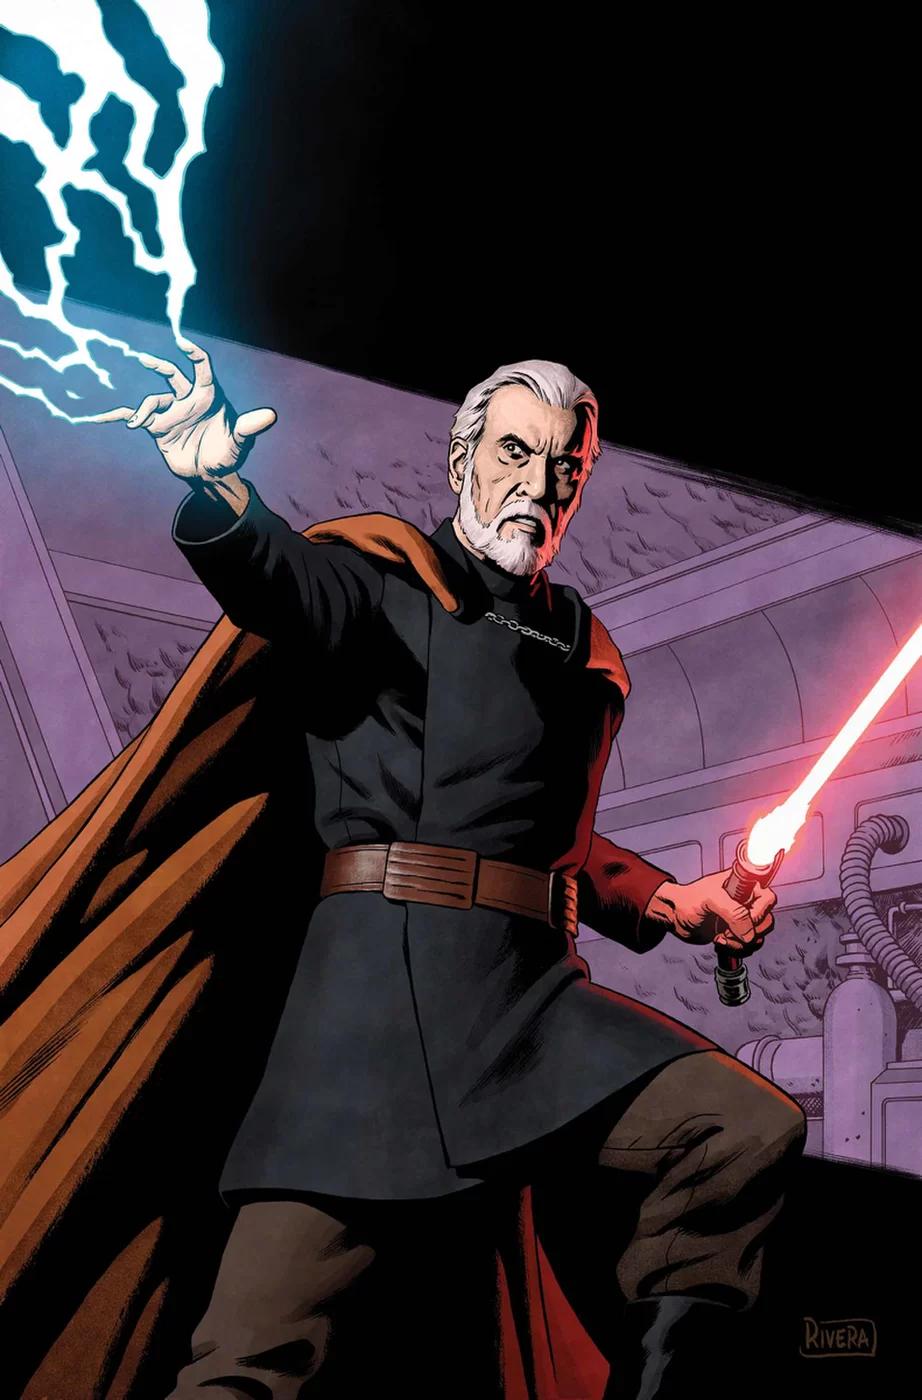 Marvel Star Wars Solicitations February 2019 Star Wars Images Star Wars Pictures Star Wars Comics